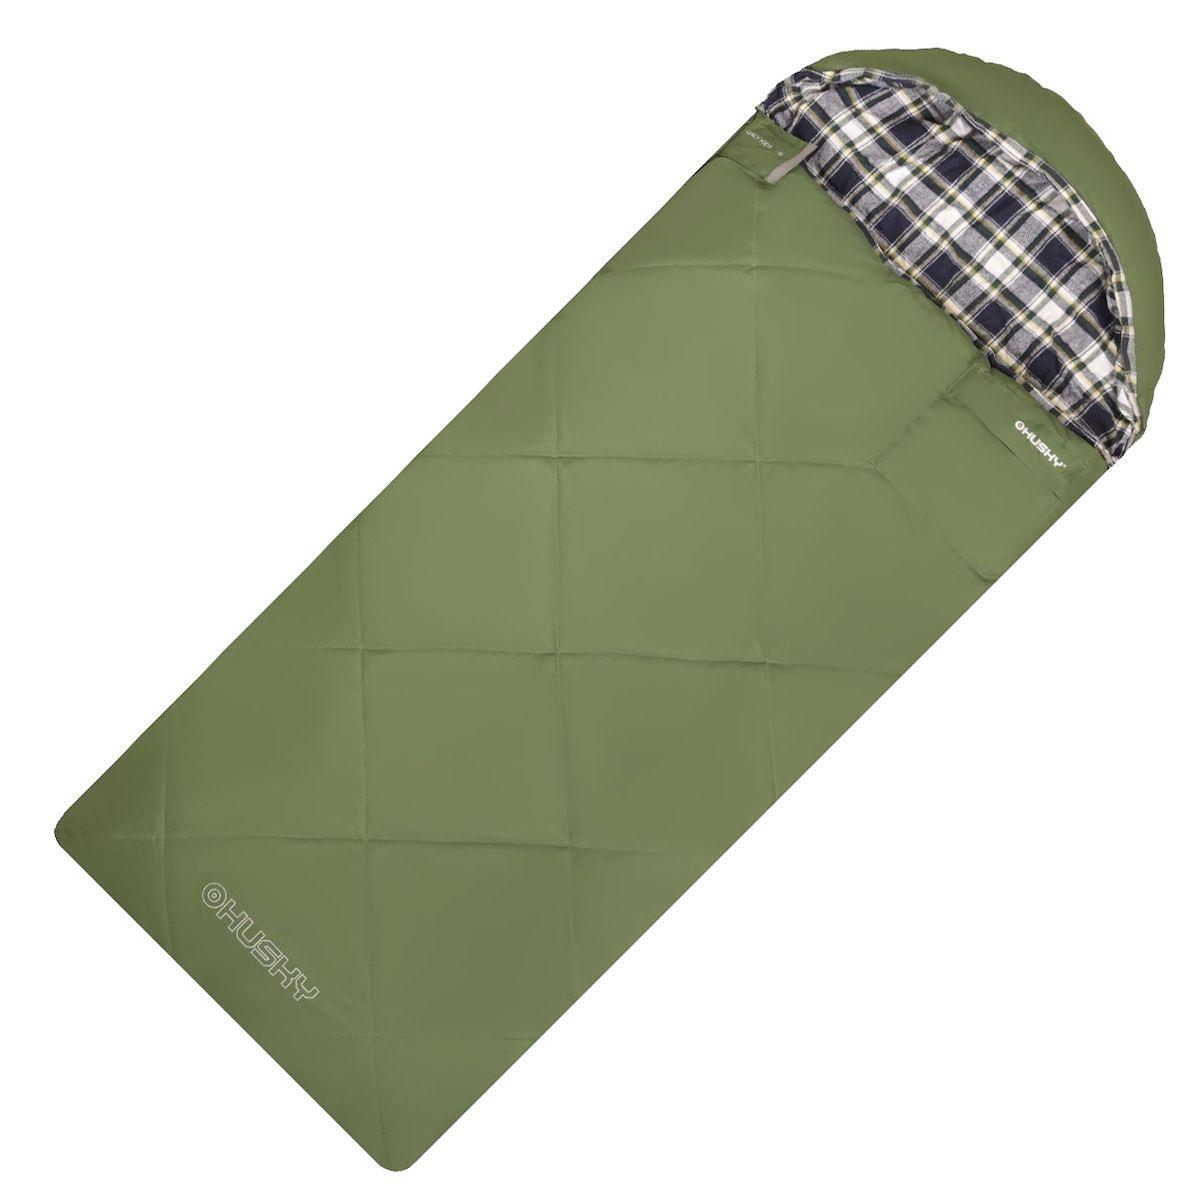 Спальник - одеяло Husky GALY KIDS -5С, правая молния, цвет: зеленыйУТ-000069842Спальник-одеяло с подголовником детский до -5°C (НОВИНКА) GALY KIDS Двухслойный детский спальный мешок-одеяло для кемпинга. Утеплитель из 4-х канального холофайбера, превосходная комбинация теплового комфорта с комфортом традиционного спального мешка-одеяла. Galy можно использовать не только на природе, но и в помещении как традиционное одеяло. Размеры: 70х170 см Размеры в сложенном виде: 44х35х14 см Вес: 1800 г Экстремальная температура: -5 С Комфортная температура: -0 С ... +5 С - Внешний материал: Pongee 75D 210T (лен) - Внутренний материал: флис (полиэстер) - Утеплитель: 2 слоя 150 г/м2 HollowFibre, - Конструкция: два слоя - Компрессионный мешок - Петли для сушки